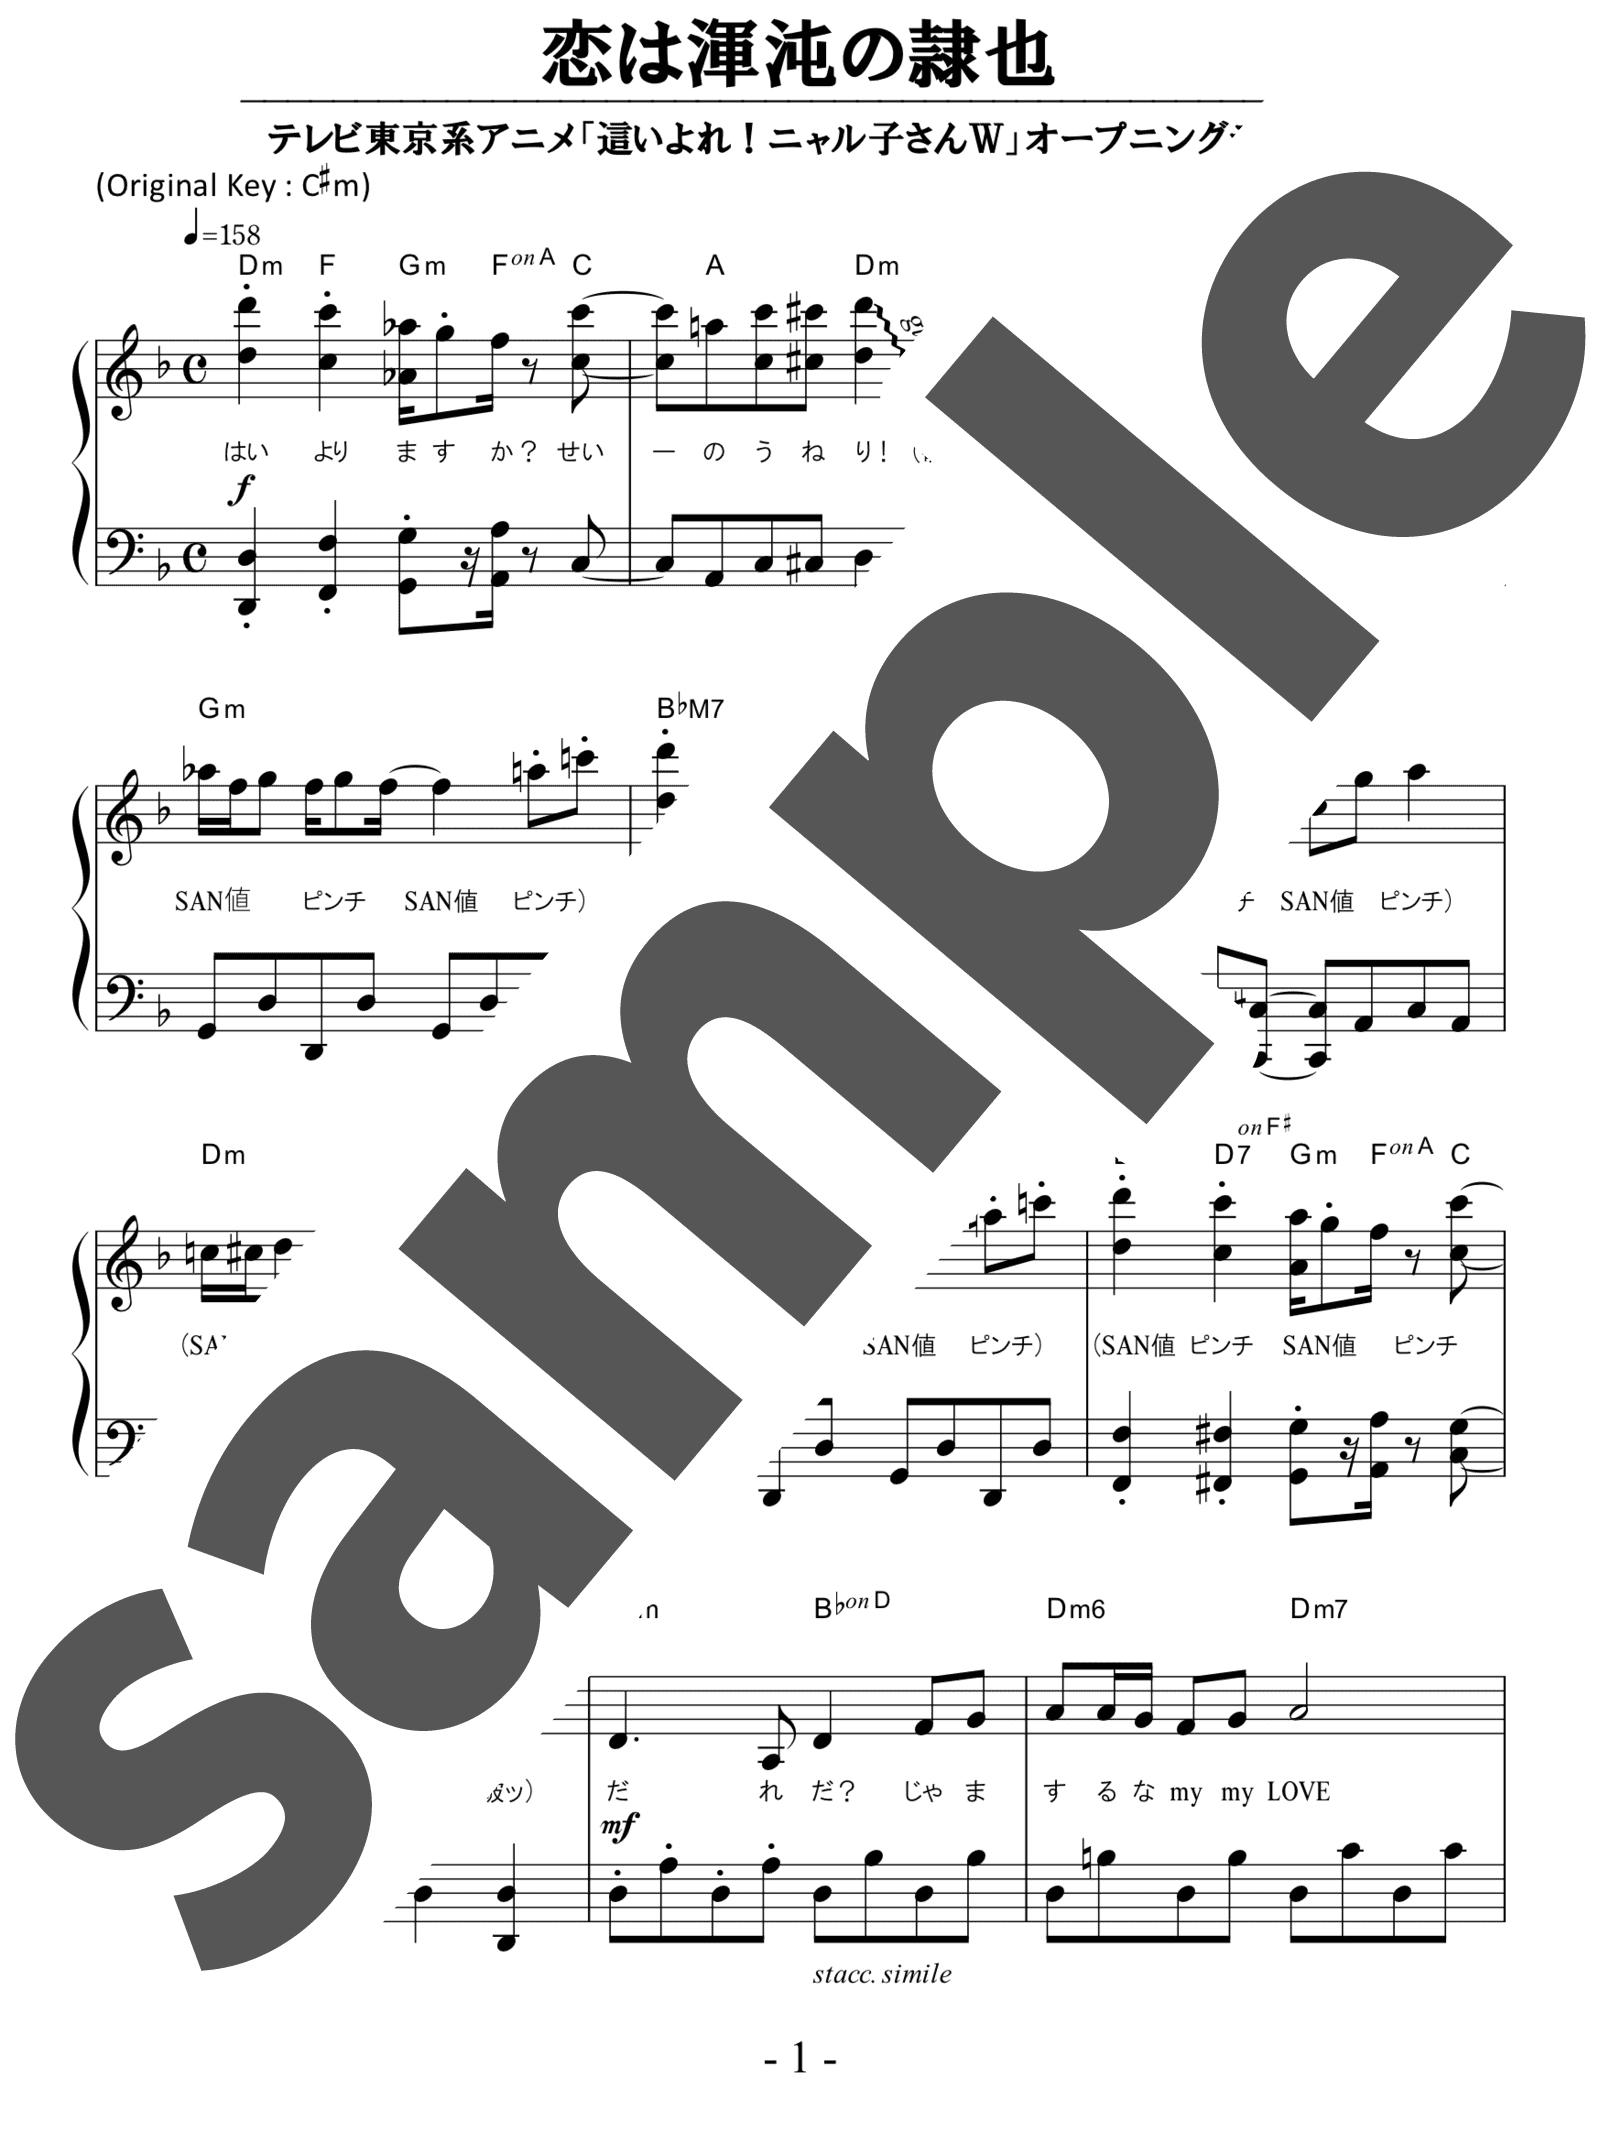 「恋は渾沌の隷也」のサンプル楽譜